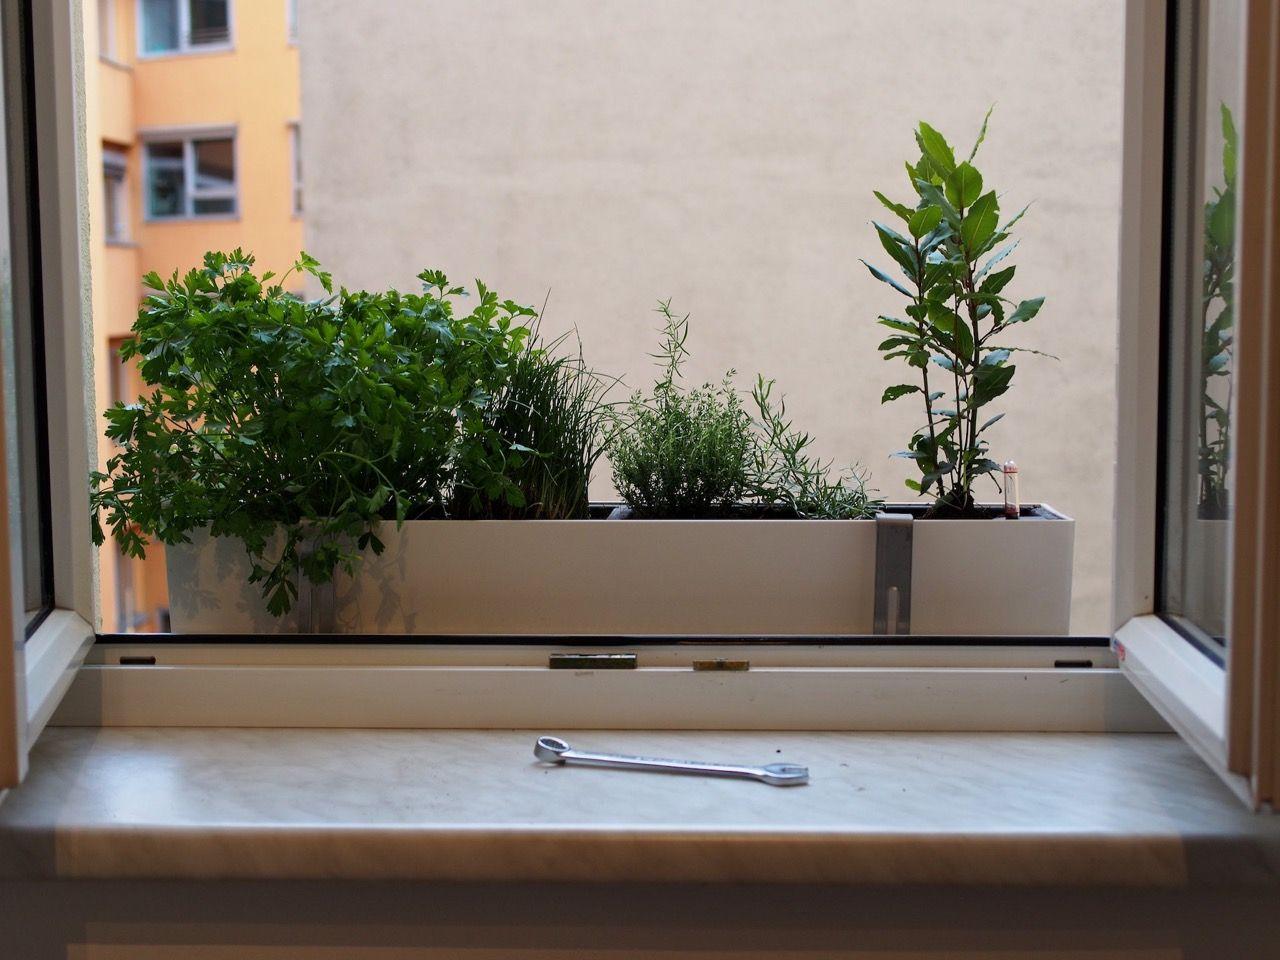 Urban Gardening Im Kleinformat Iamgreen